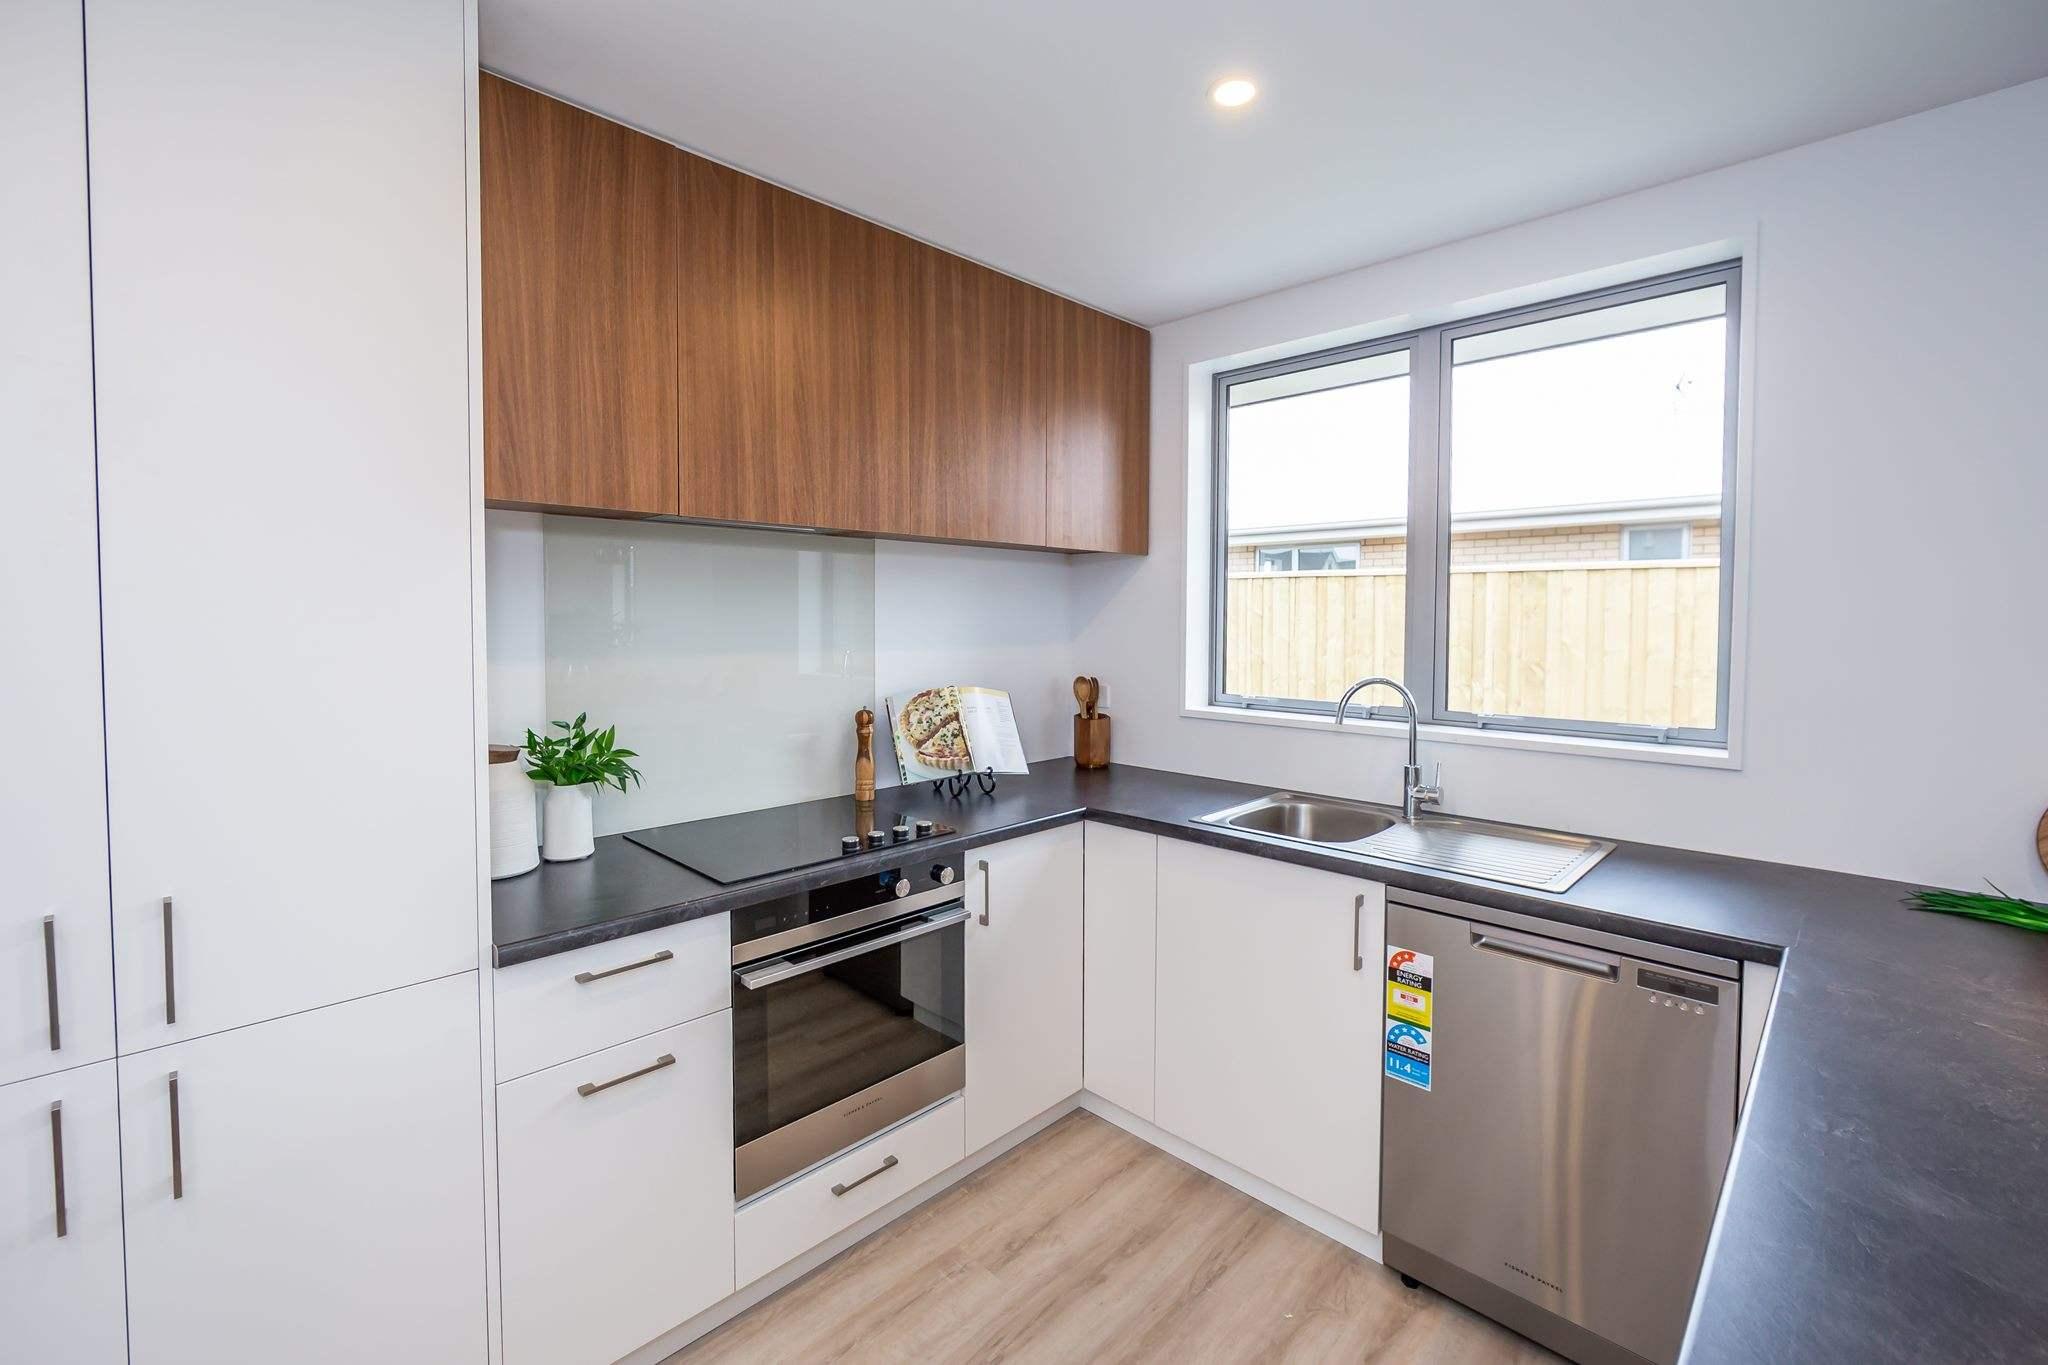 Rolleston 3房 名师打造精装美墅 惬享现代家居 周边一流配套 10年安心质保! Sold out ! 3 Bedroom Family Home in Faringdon